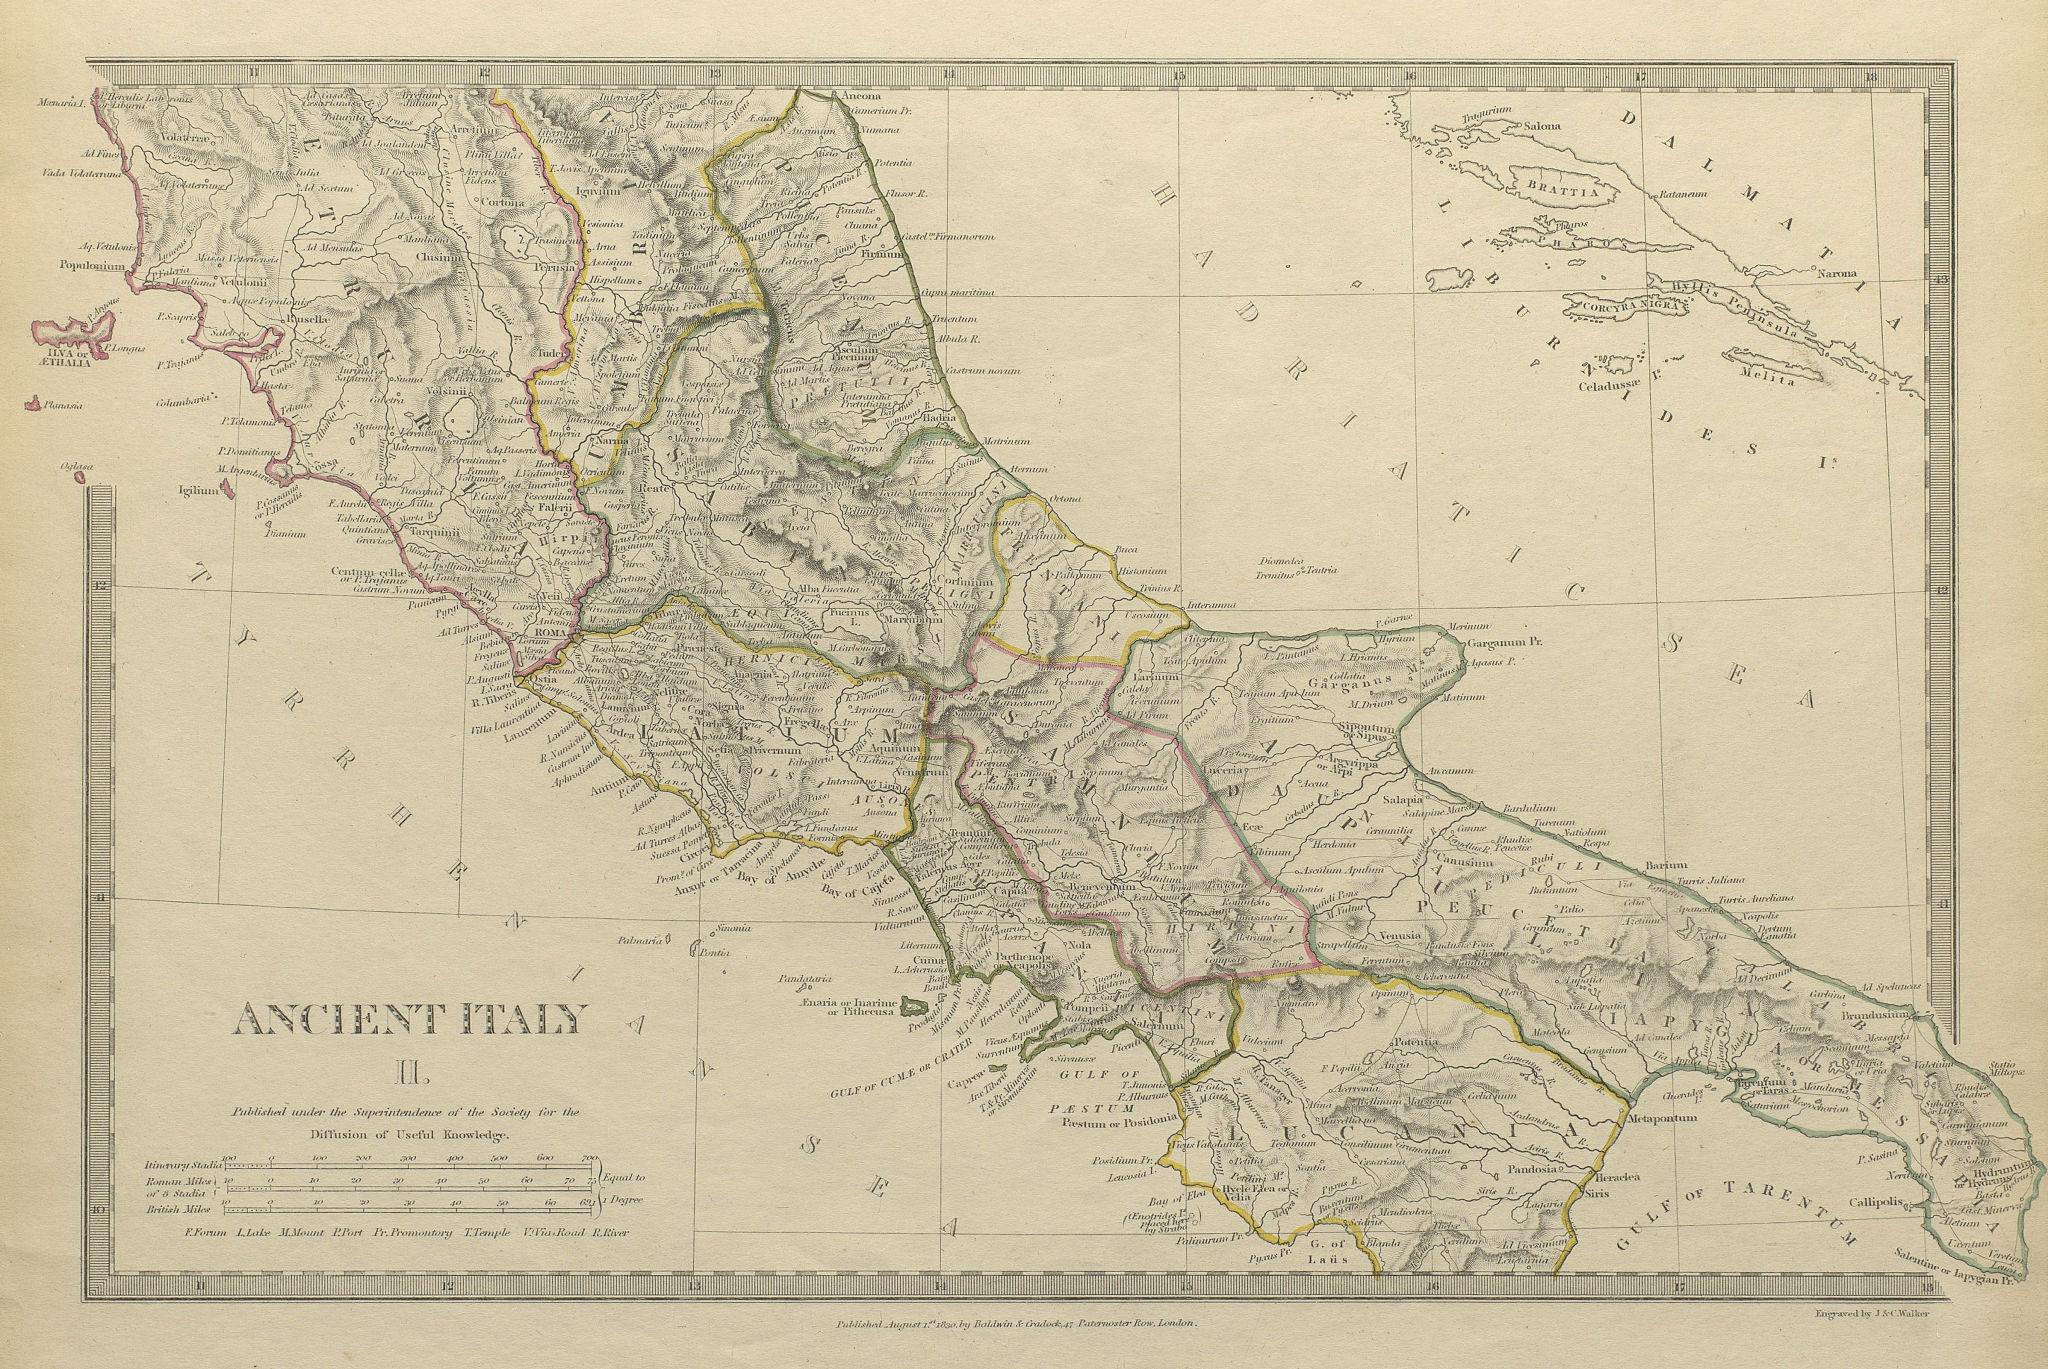 Associate Product ANCIENT ITALY.South.Apulia Latium Sabini Samnium Picenum Etruria.SDUK 1844 map